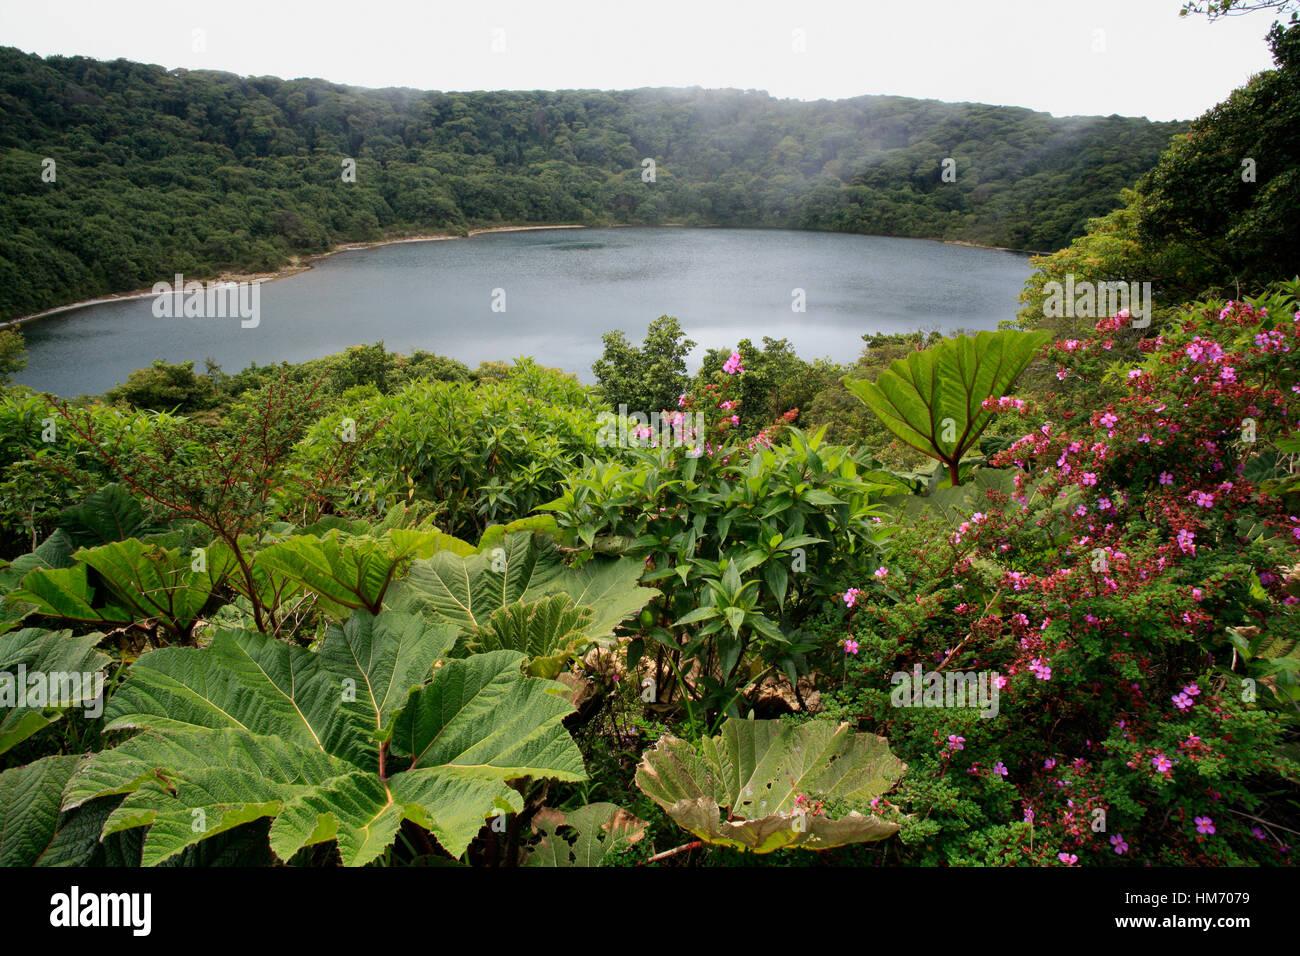 Riesige Arme-Leute Regenschirm (Gunnera Insignis) Blätter und Melastoma der Vulkane Blumen (Monochaetum Vulcanicum) Stockbild